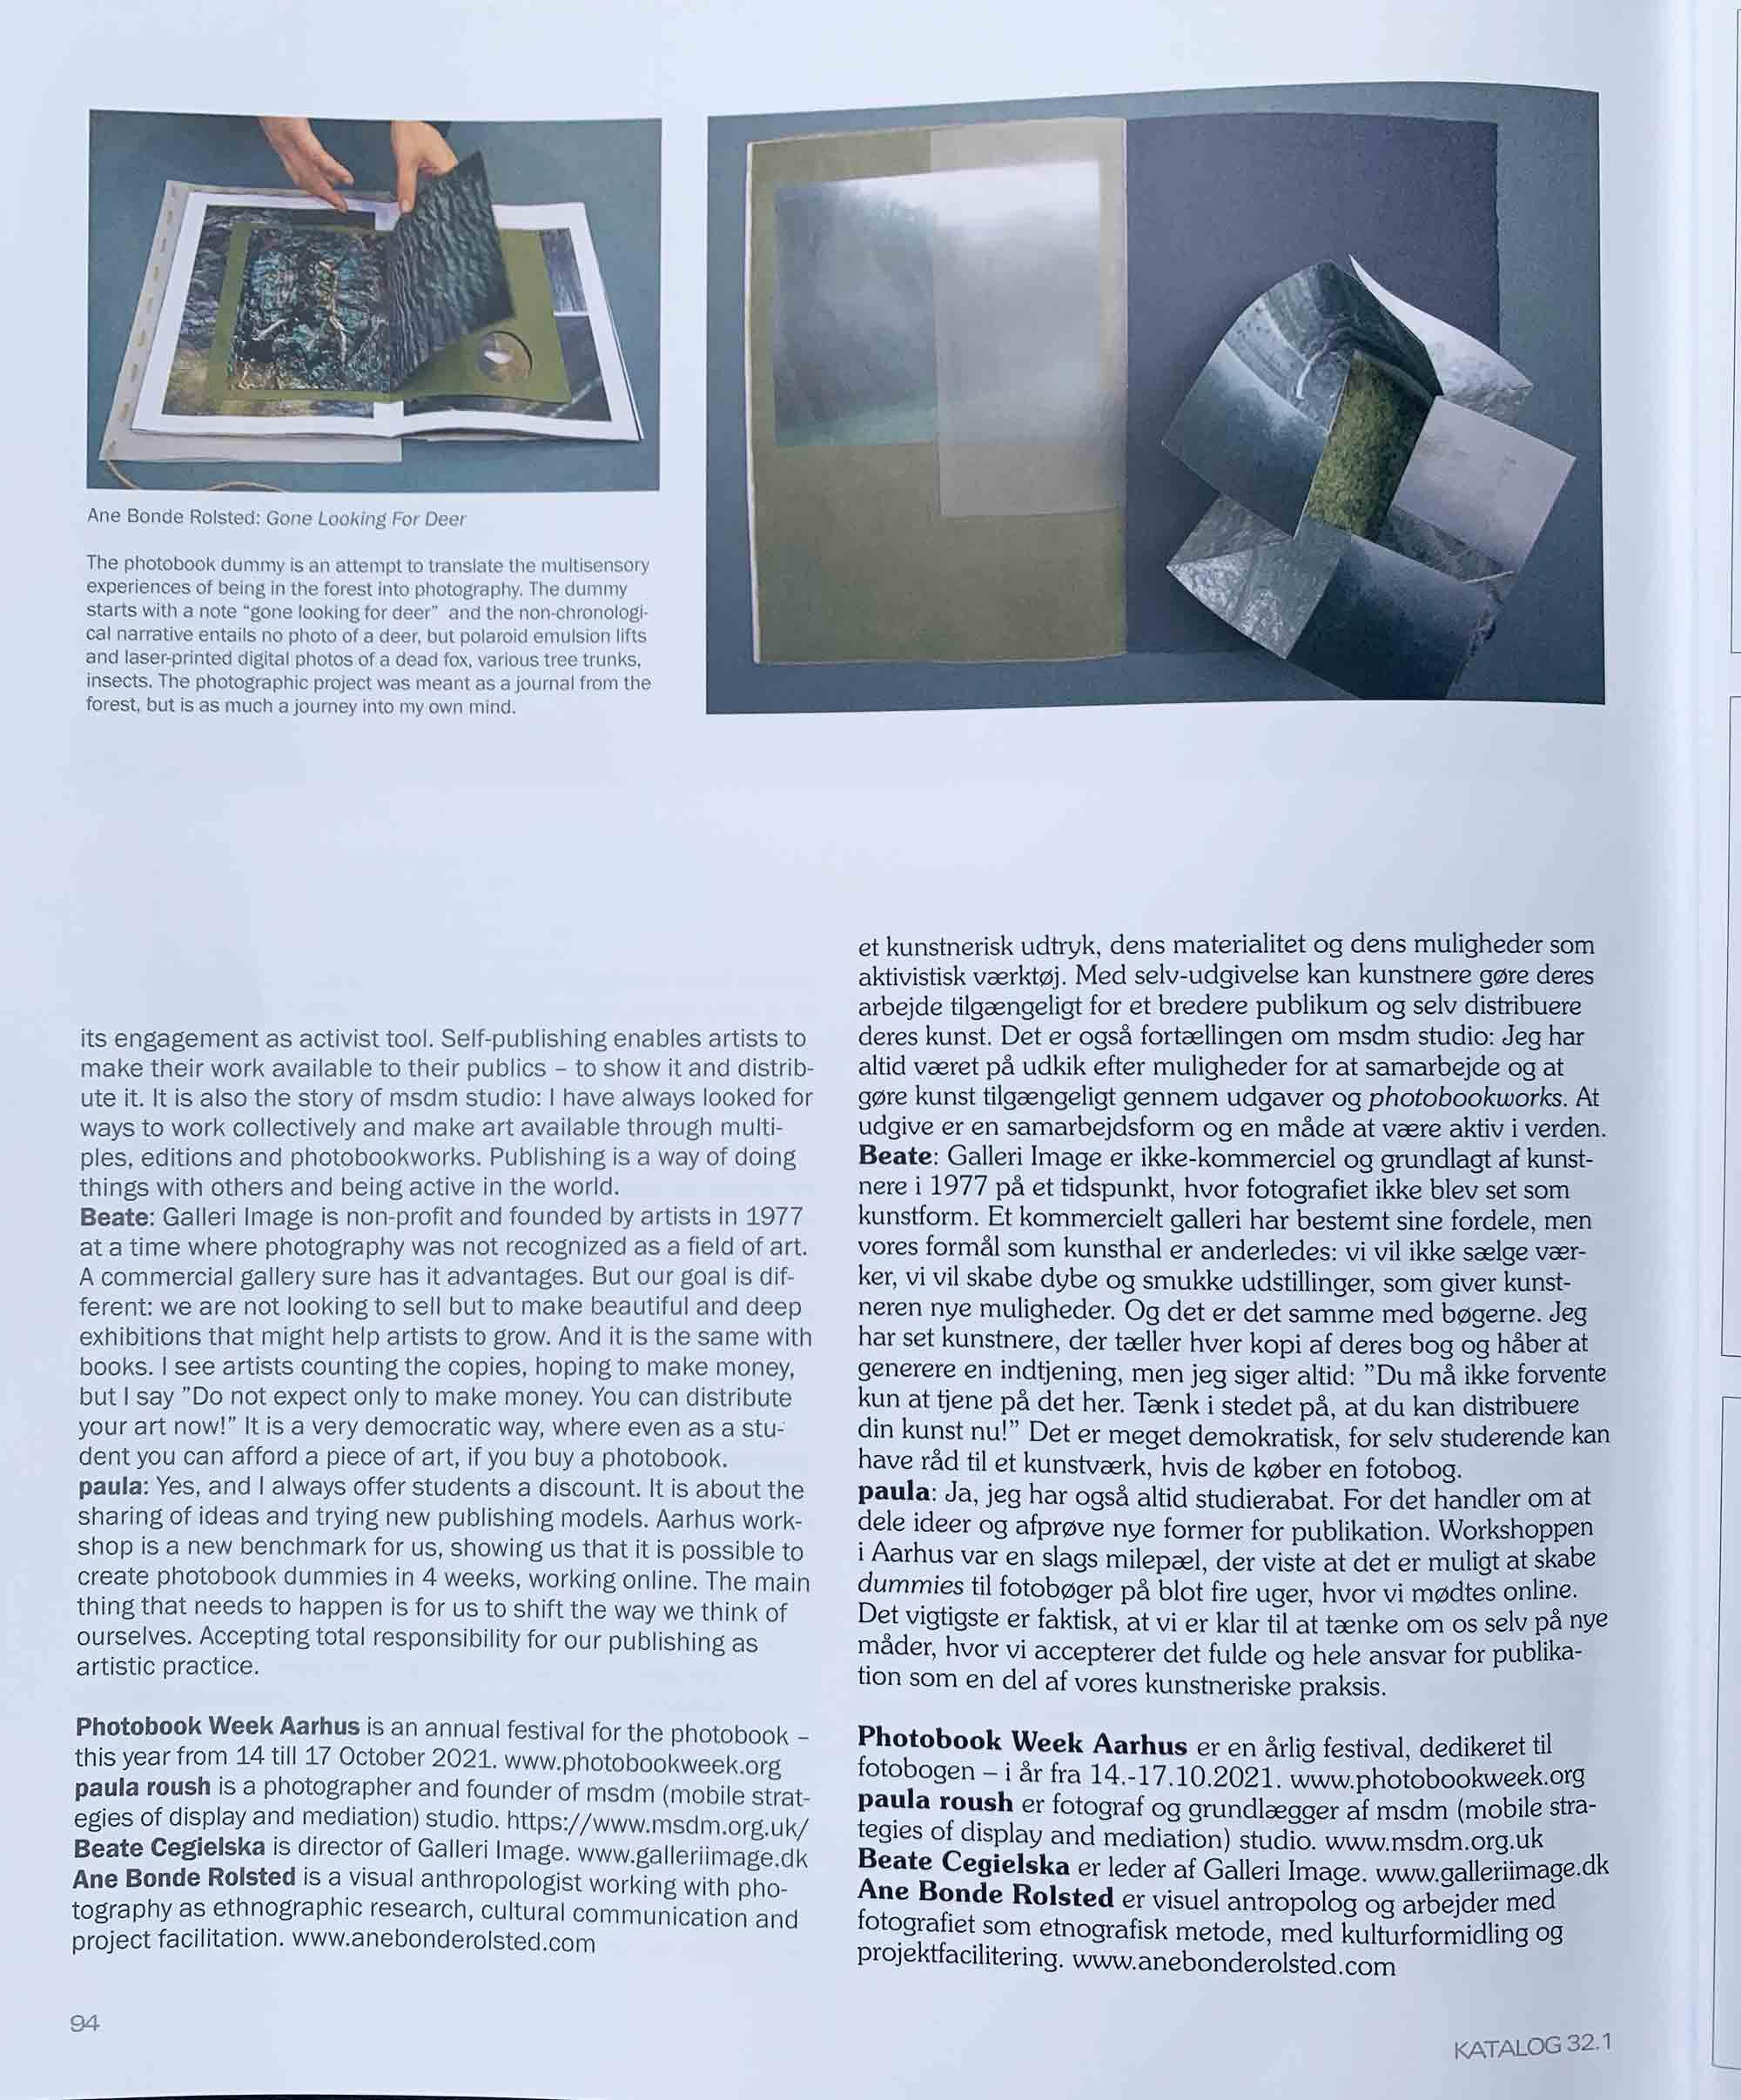 page-turner-photobook-katalog-1